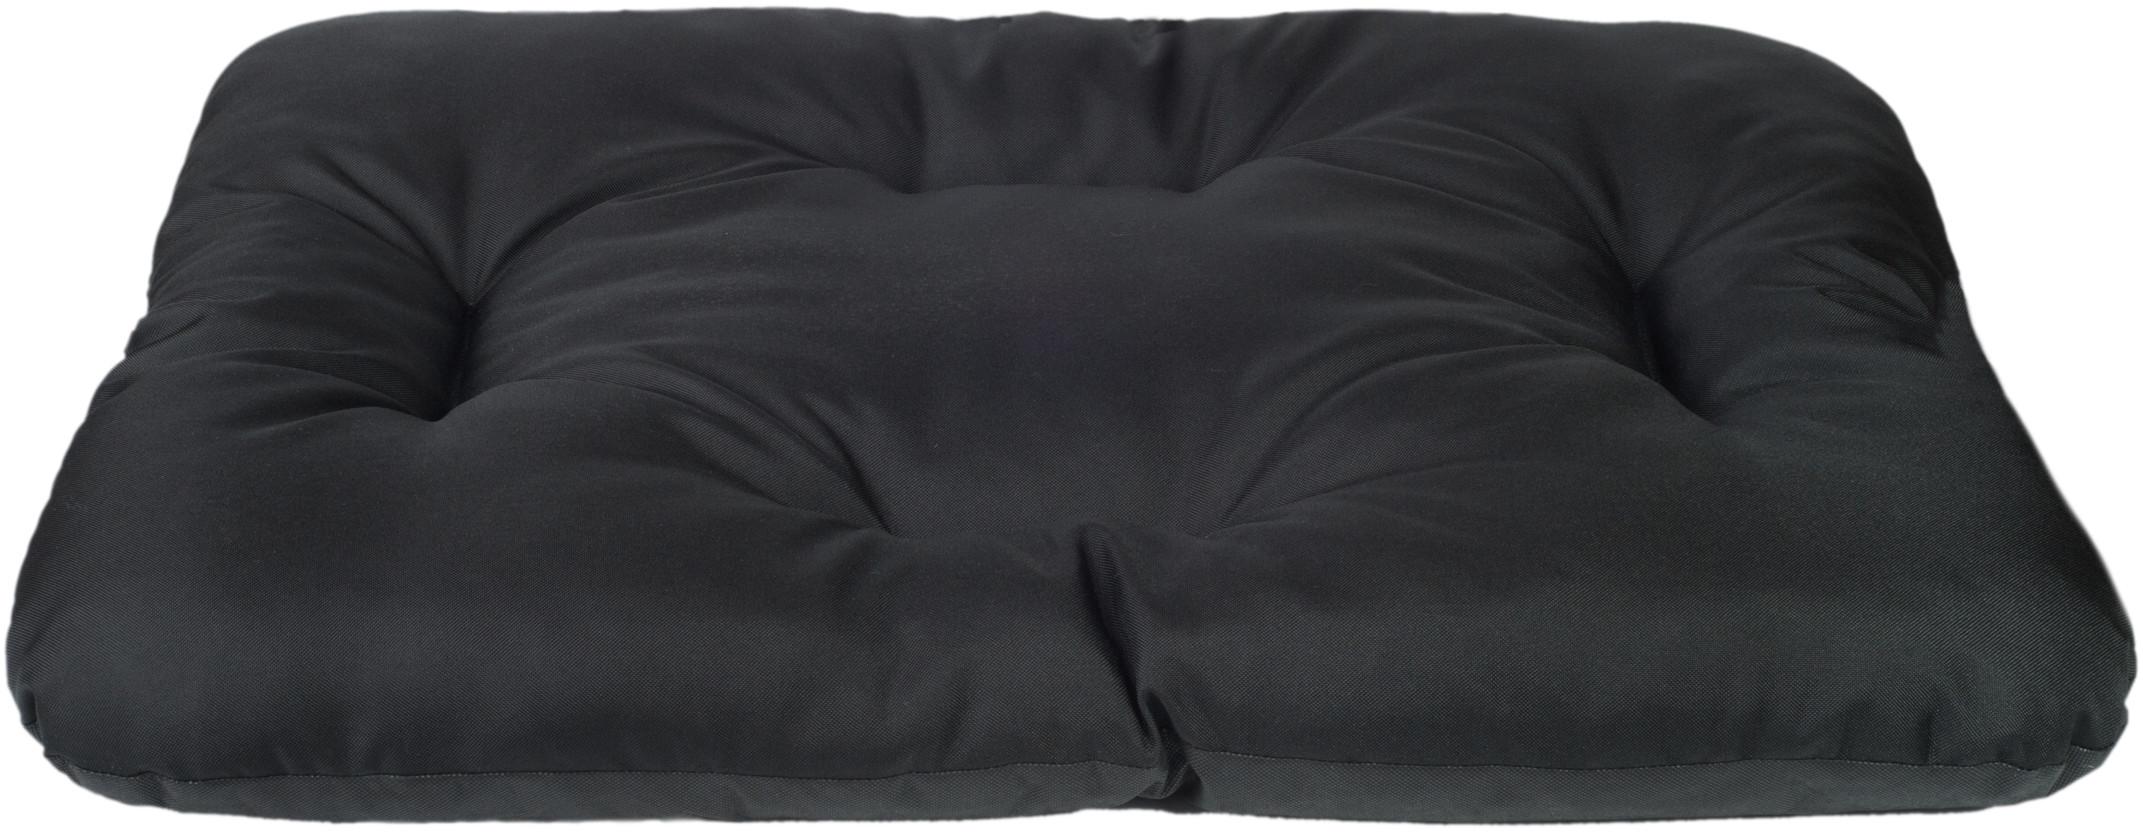 Ami Play Poduszka prostokątna Basic czarna [rozmiar M] 55 x 45 x 6cm